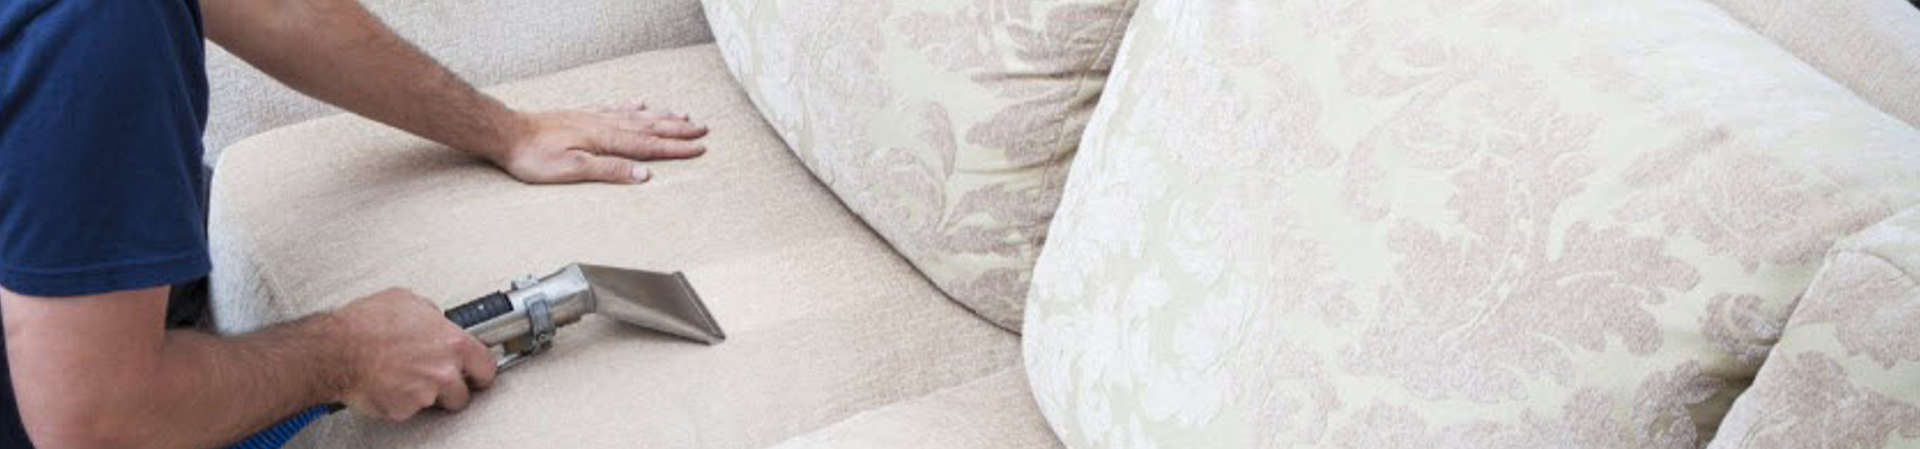 Limpieza profunda de sillones de de tela clara a coru a - Limpieza de sofas de tela ...